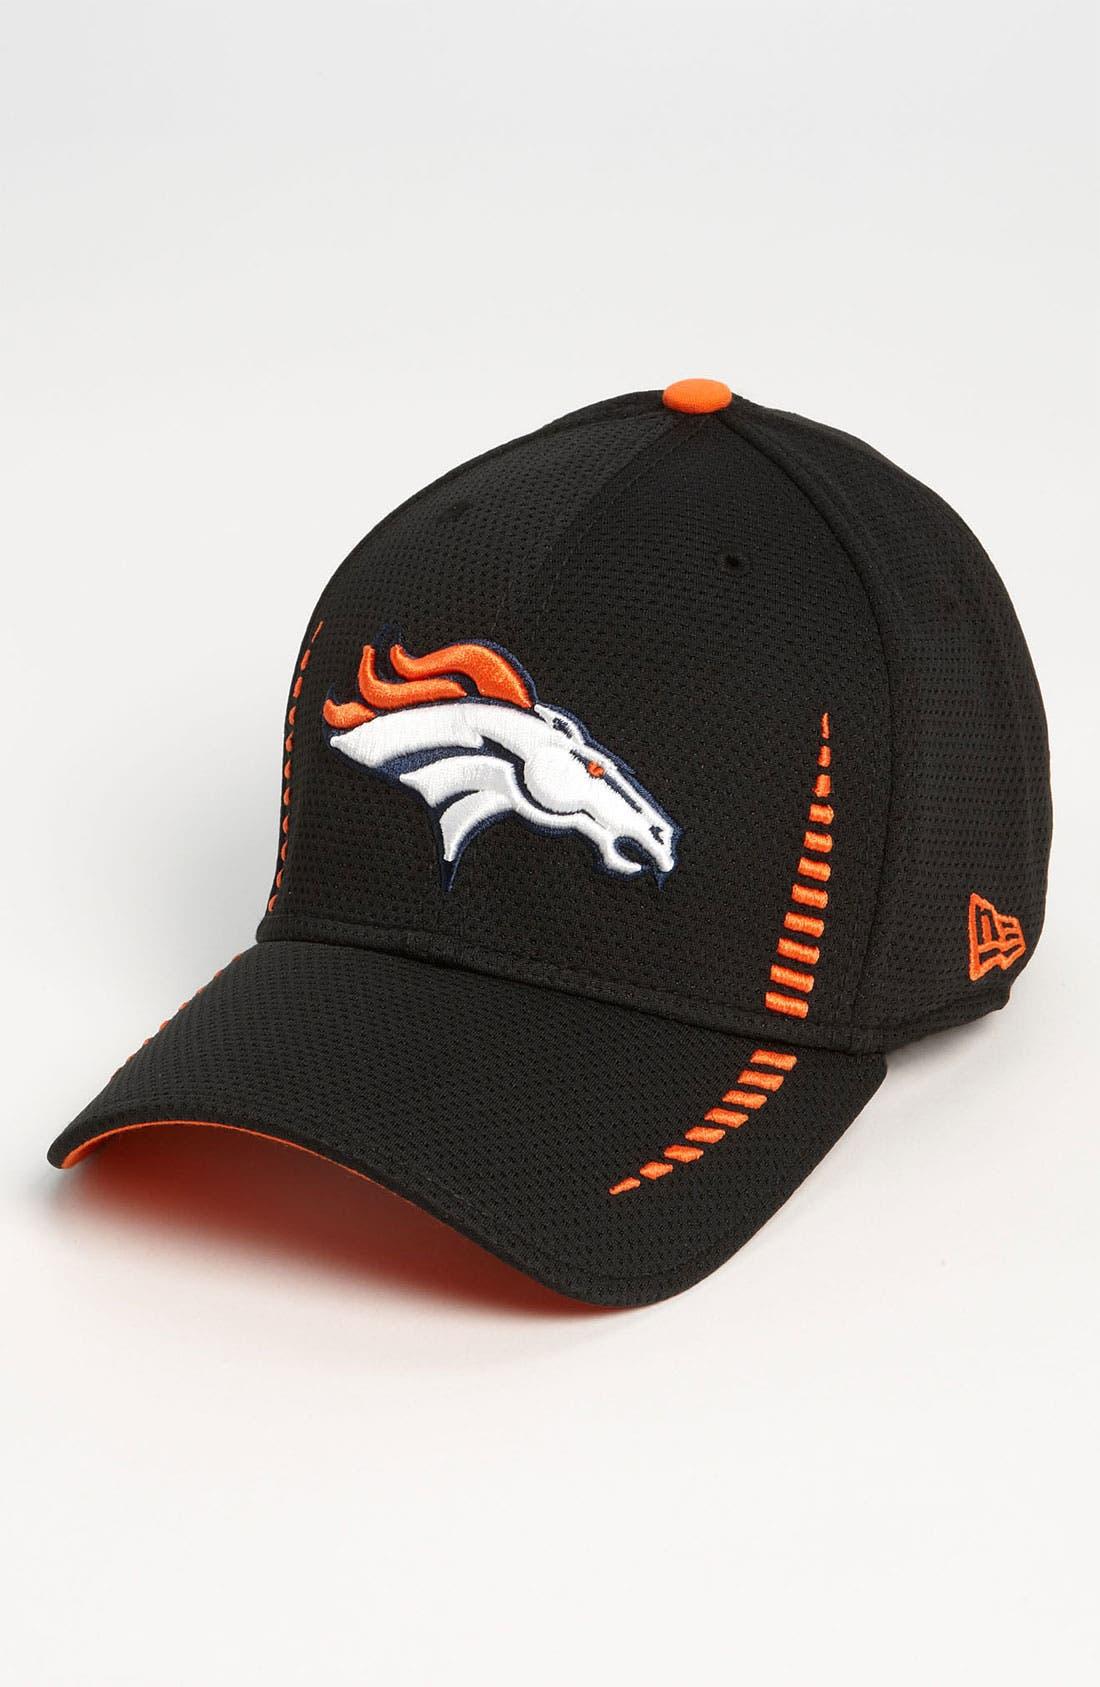 Main Image - New Era Cap 'Training Camp - Denver Broncos' Baseball Cap